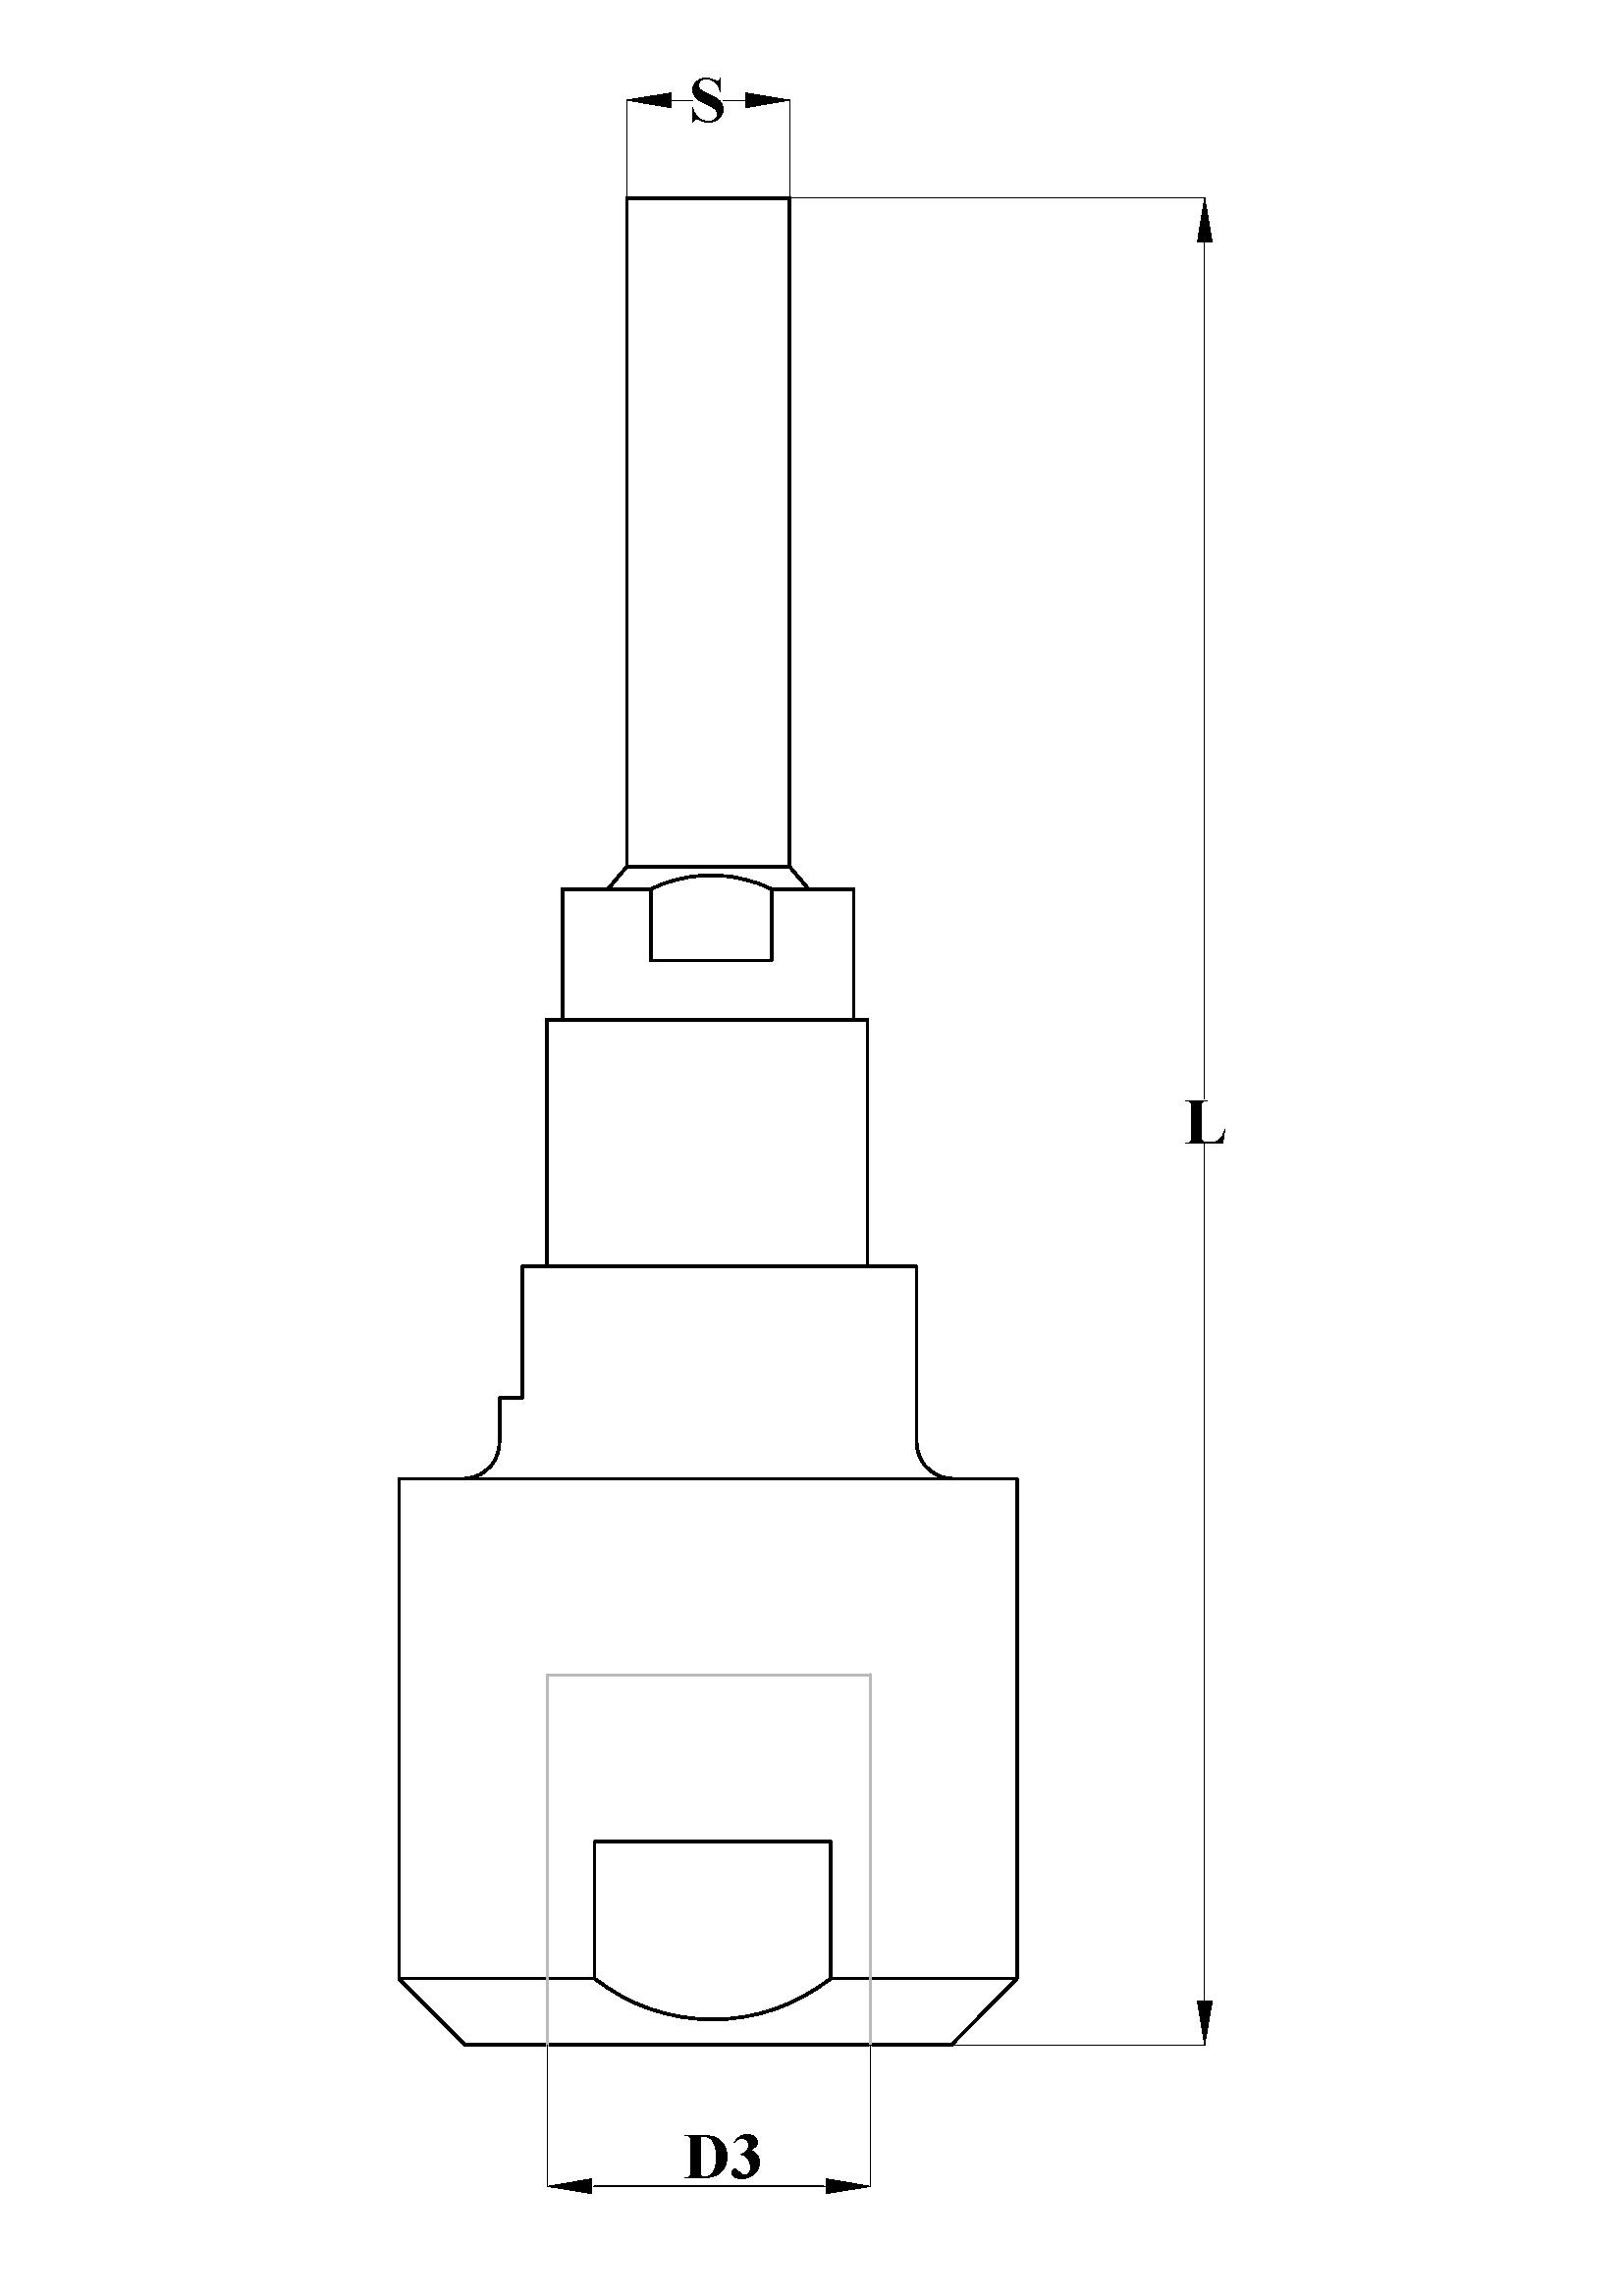 Disegno tecnico mandrino